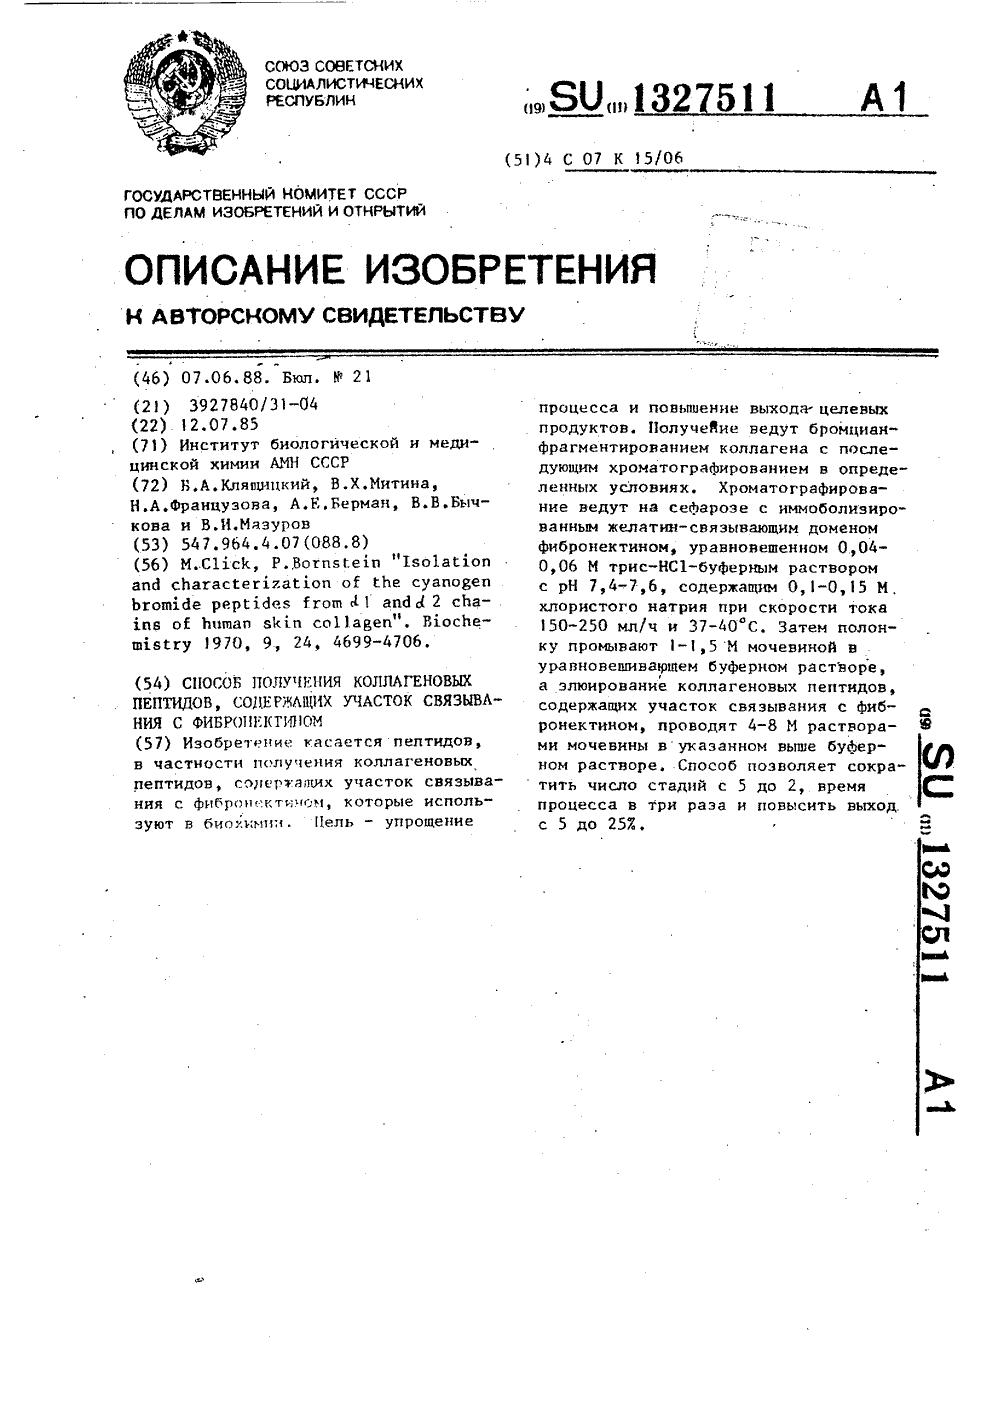 Фибронектин